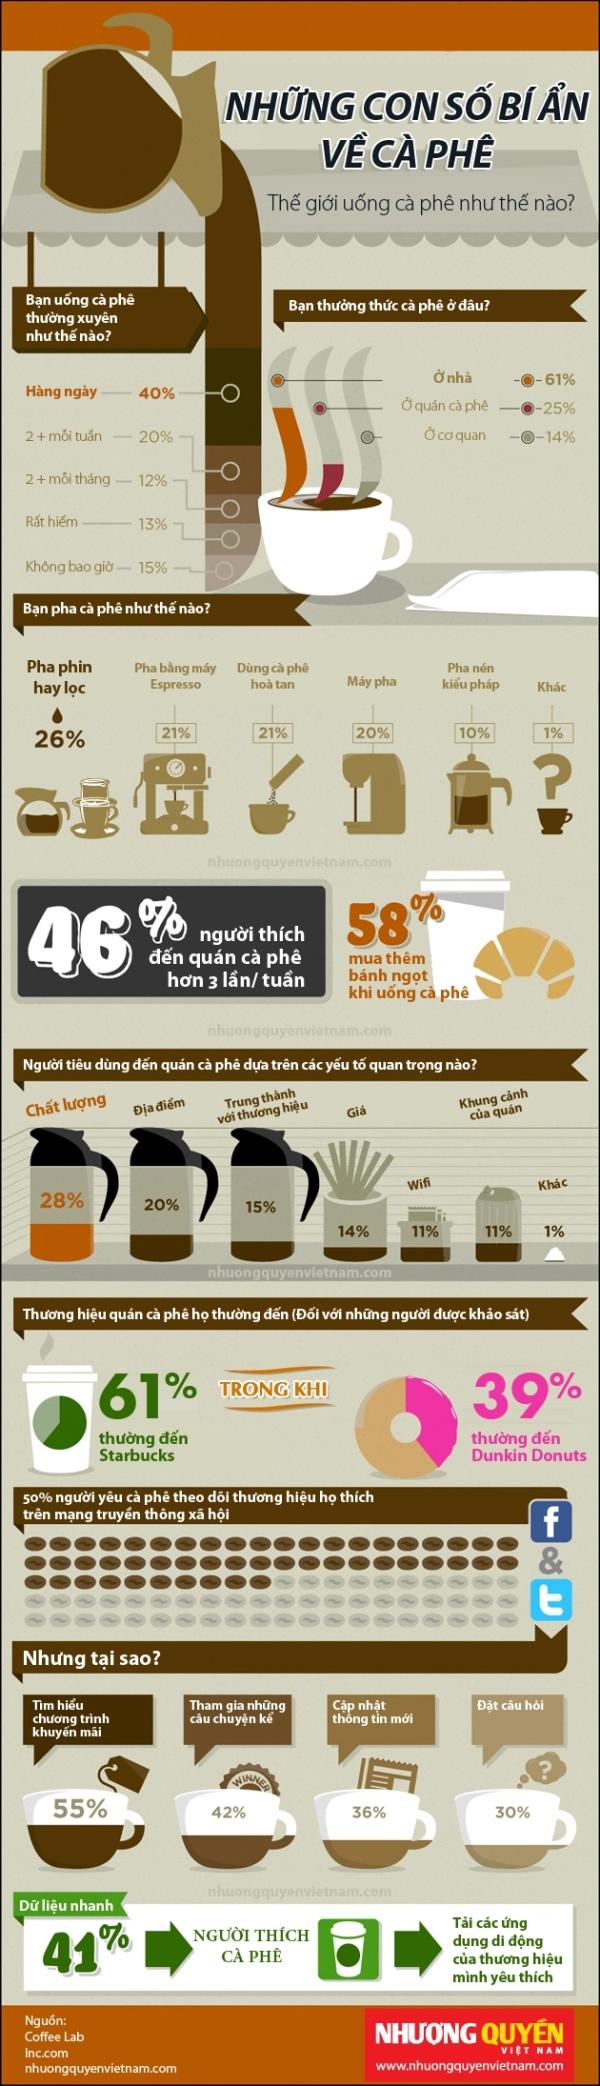 Những con số bí ẩn về cà phê